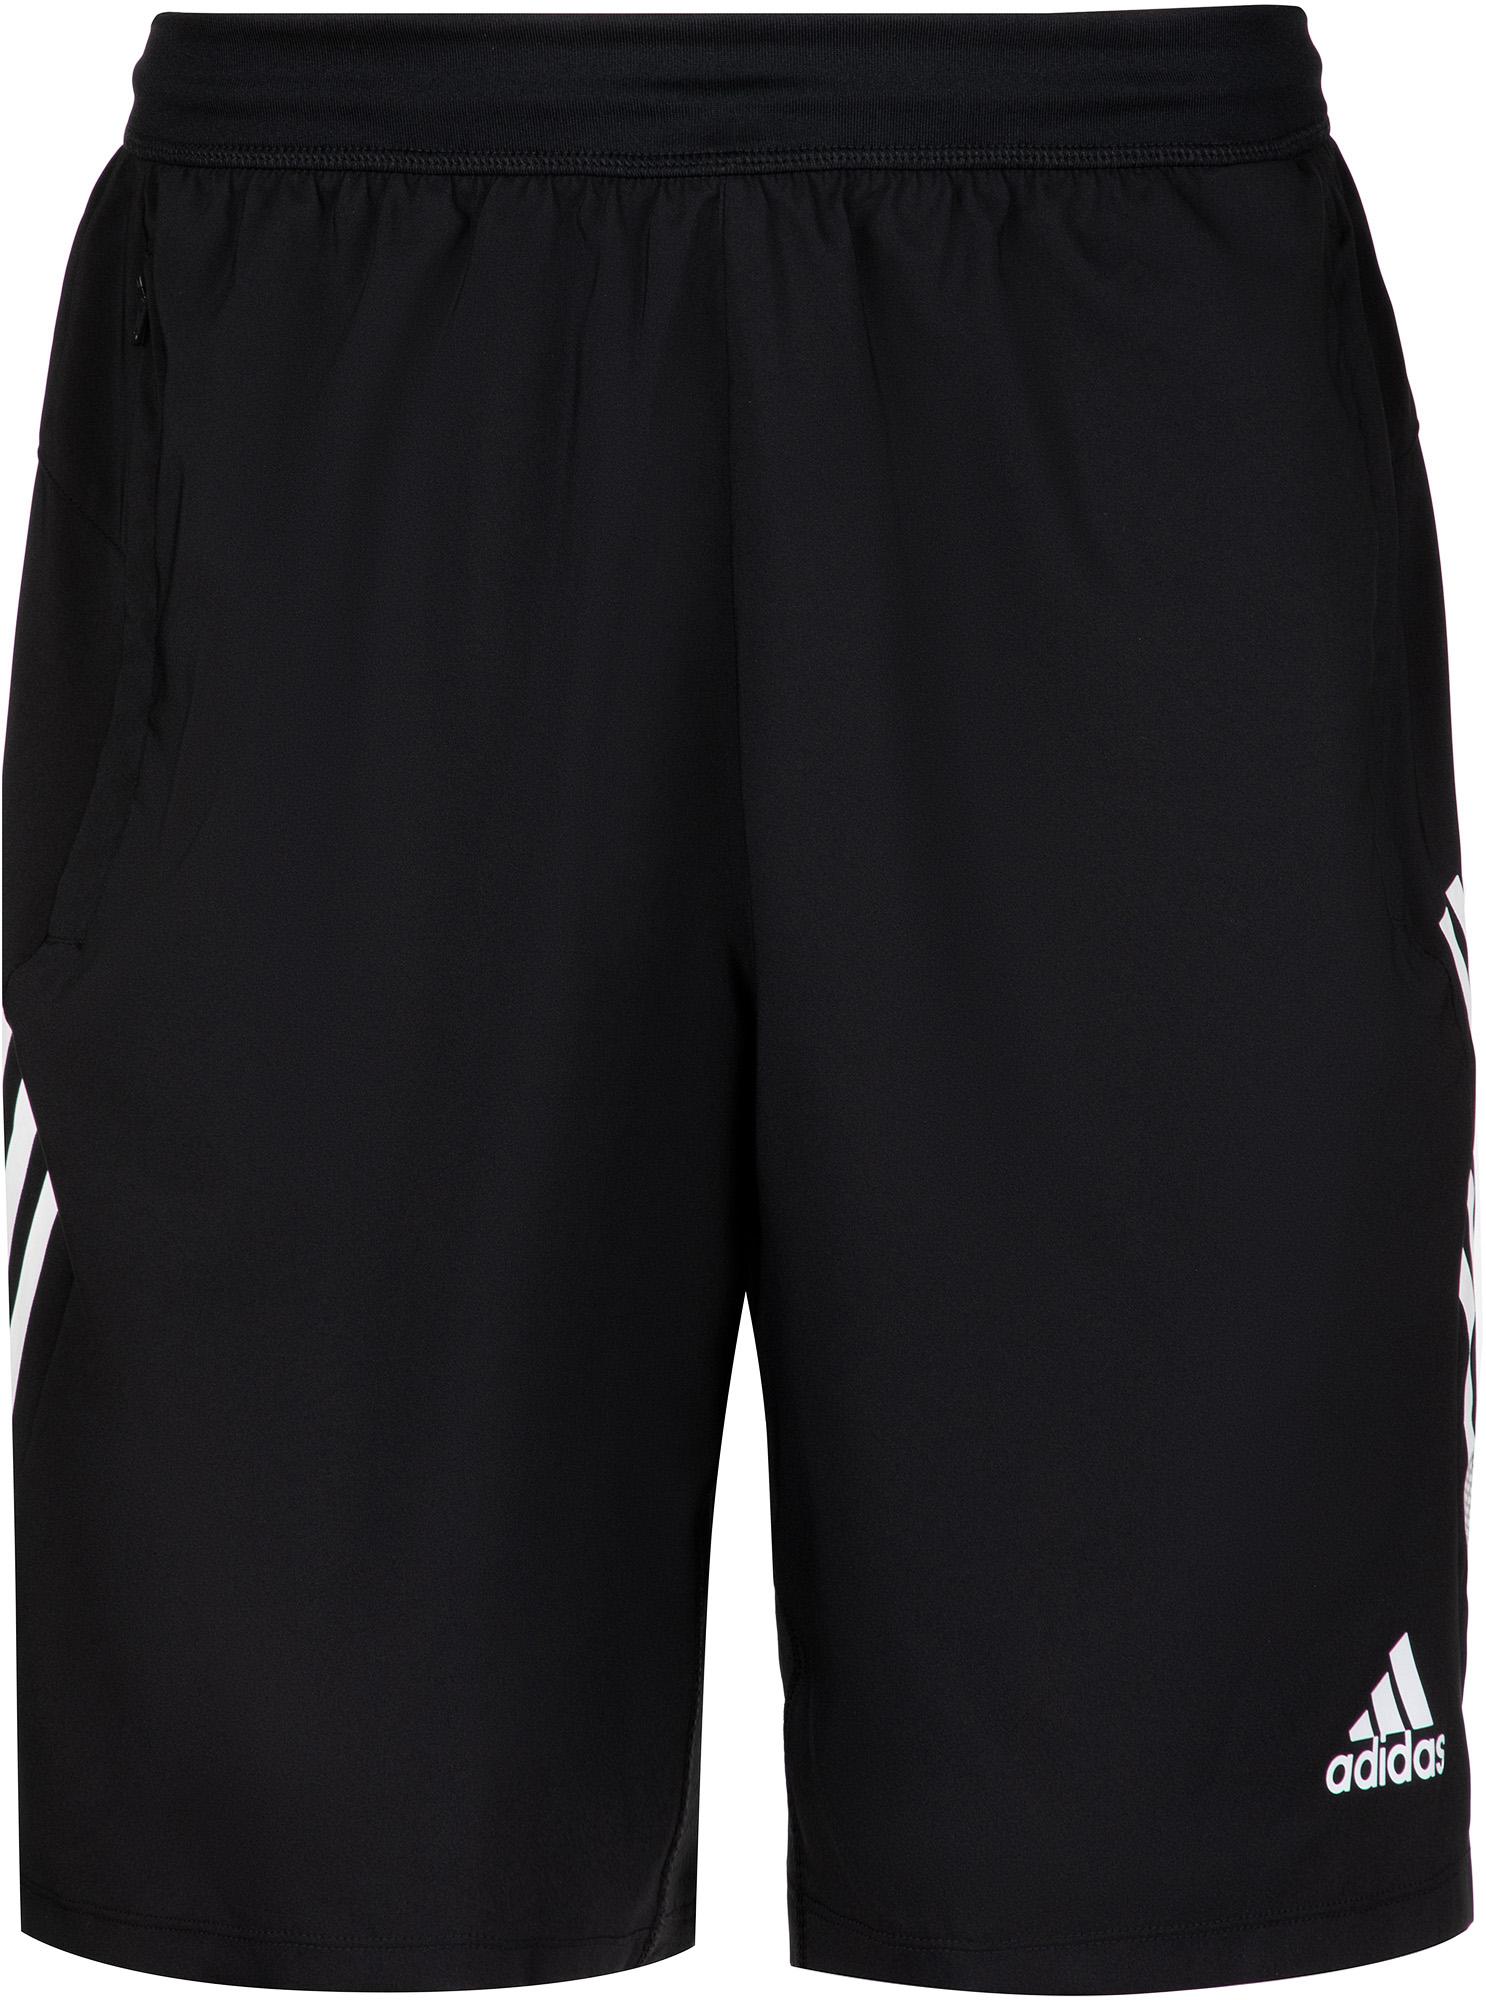 Adidas Шорты мужские adidas, размер 52-54 шорты для тенниса мужские adidas uncontrol climachill цвет черный b45842 размер l 52 54